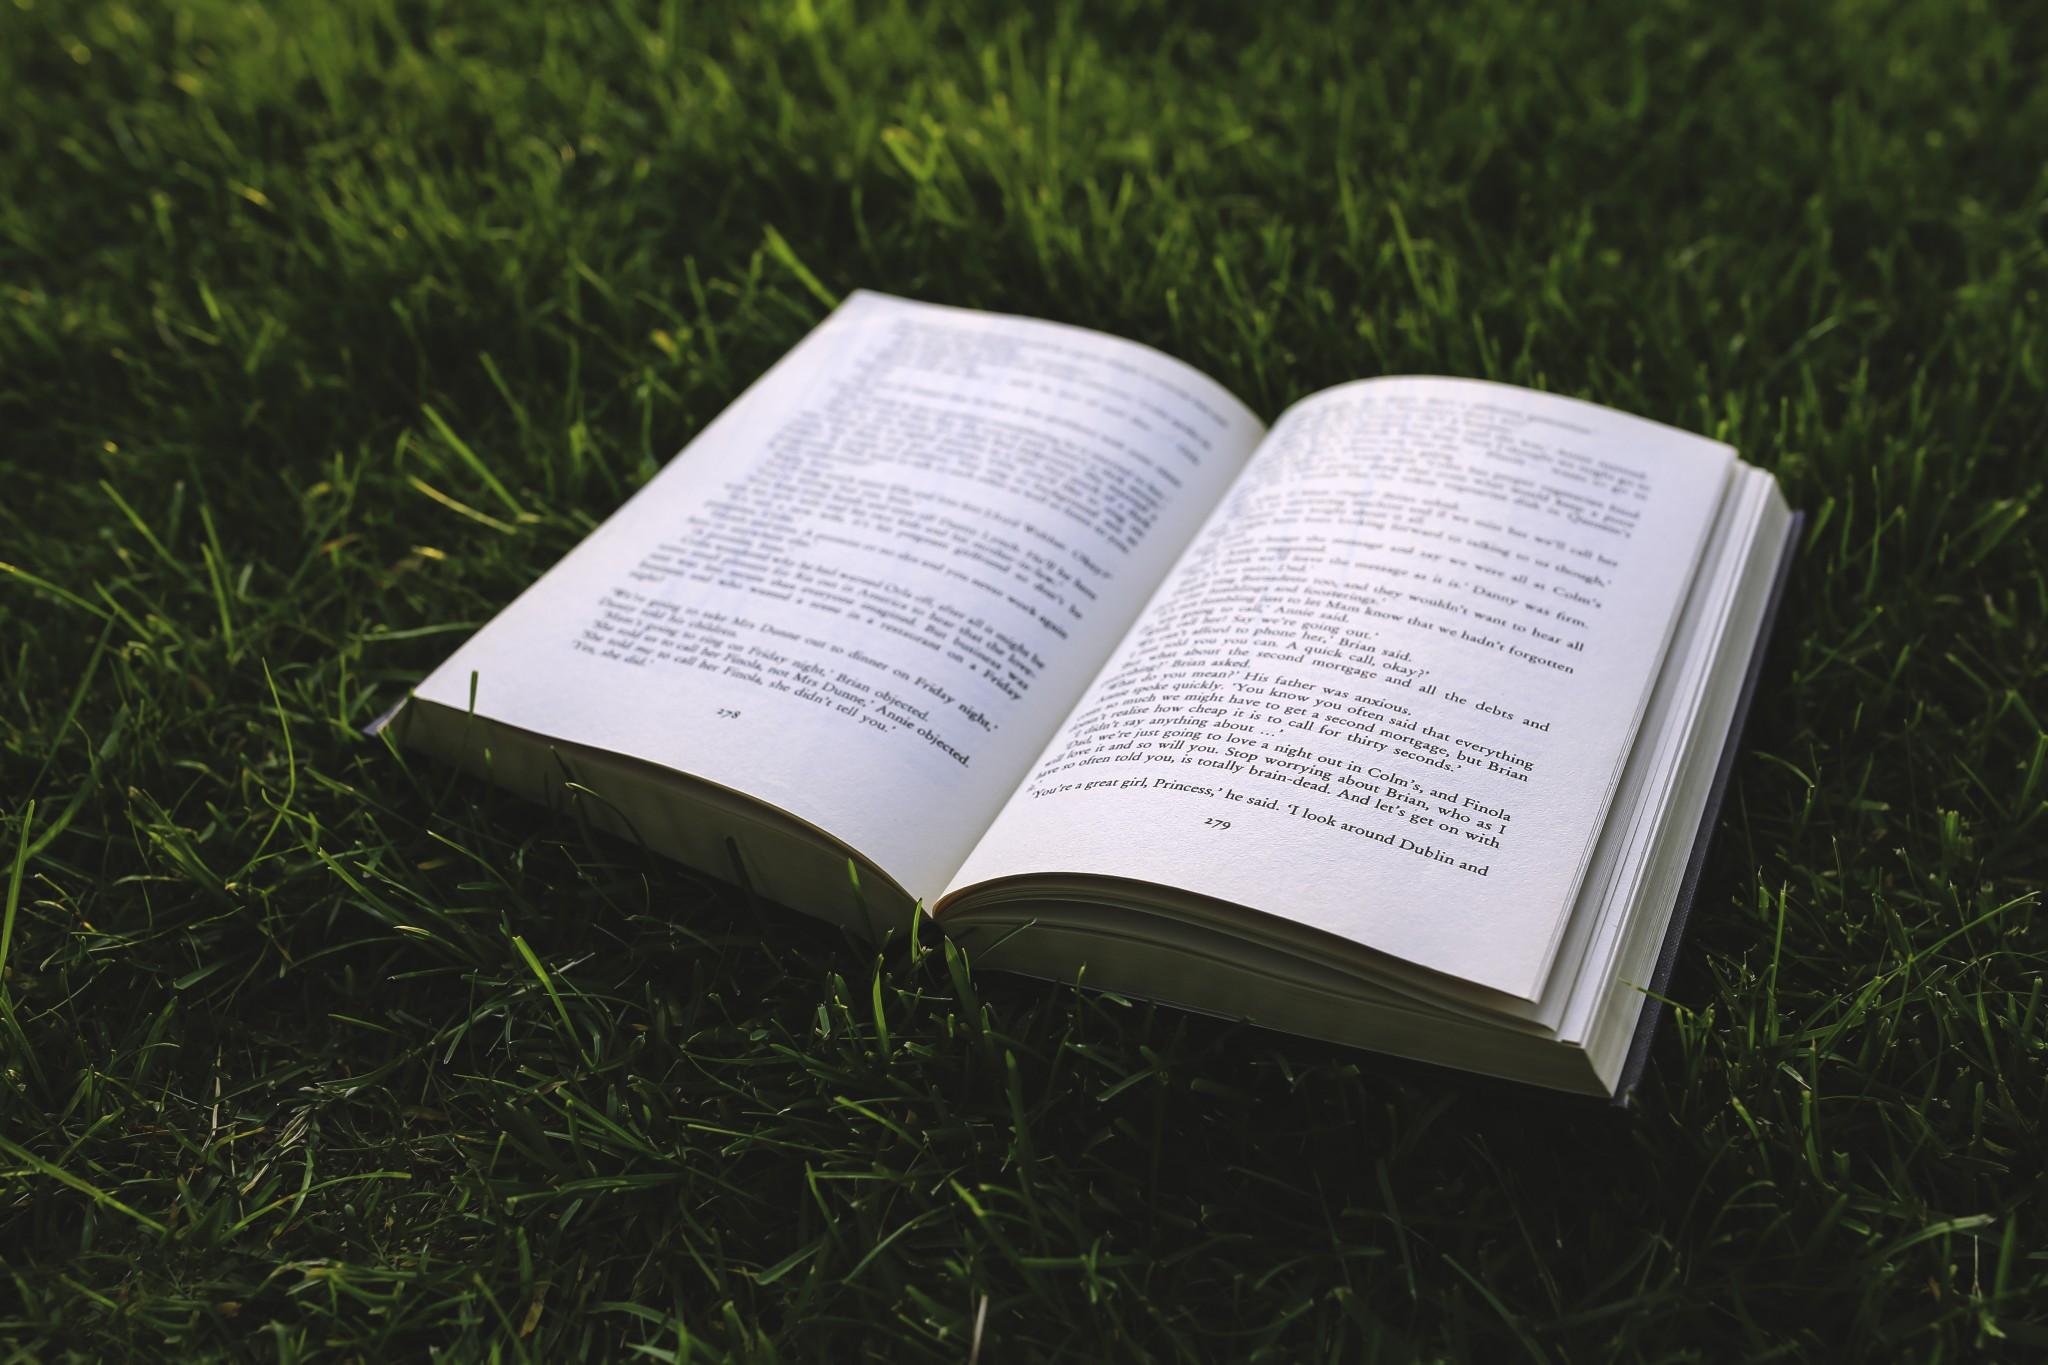 芝生に置かれた本